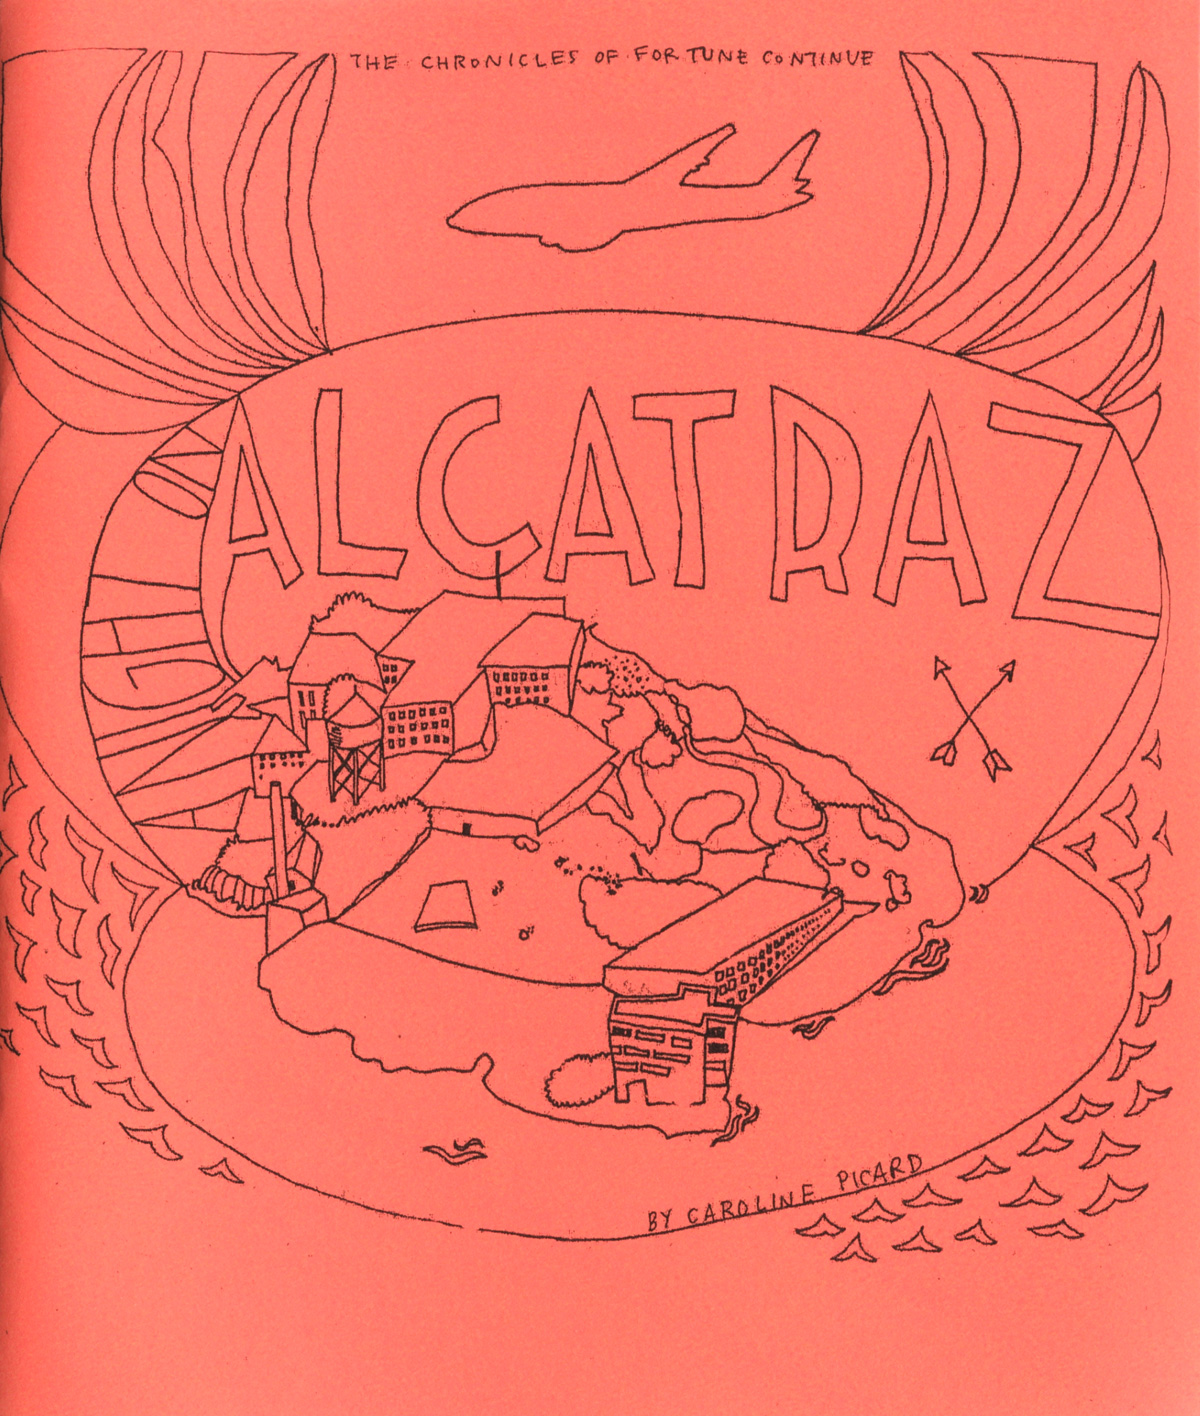 A Night on Alcatraz